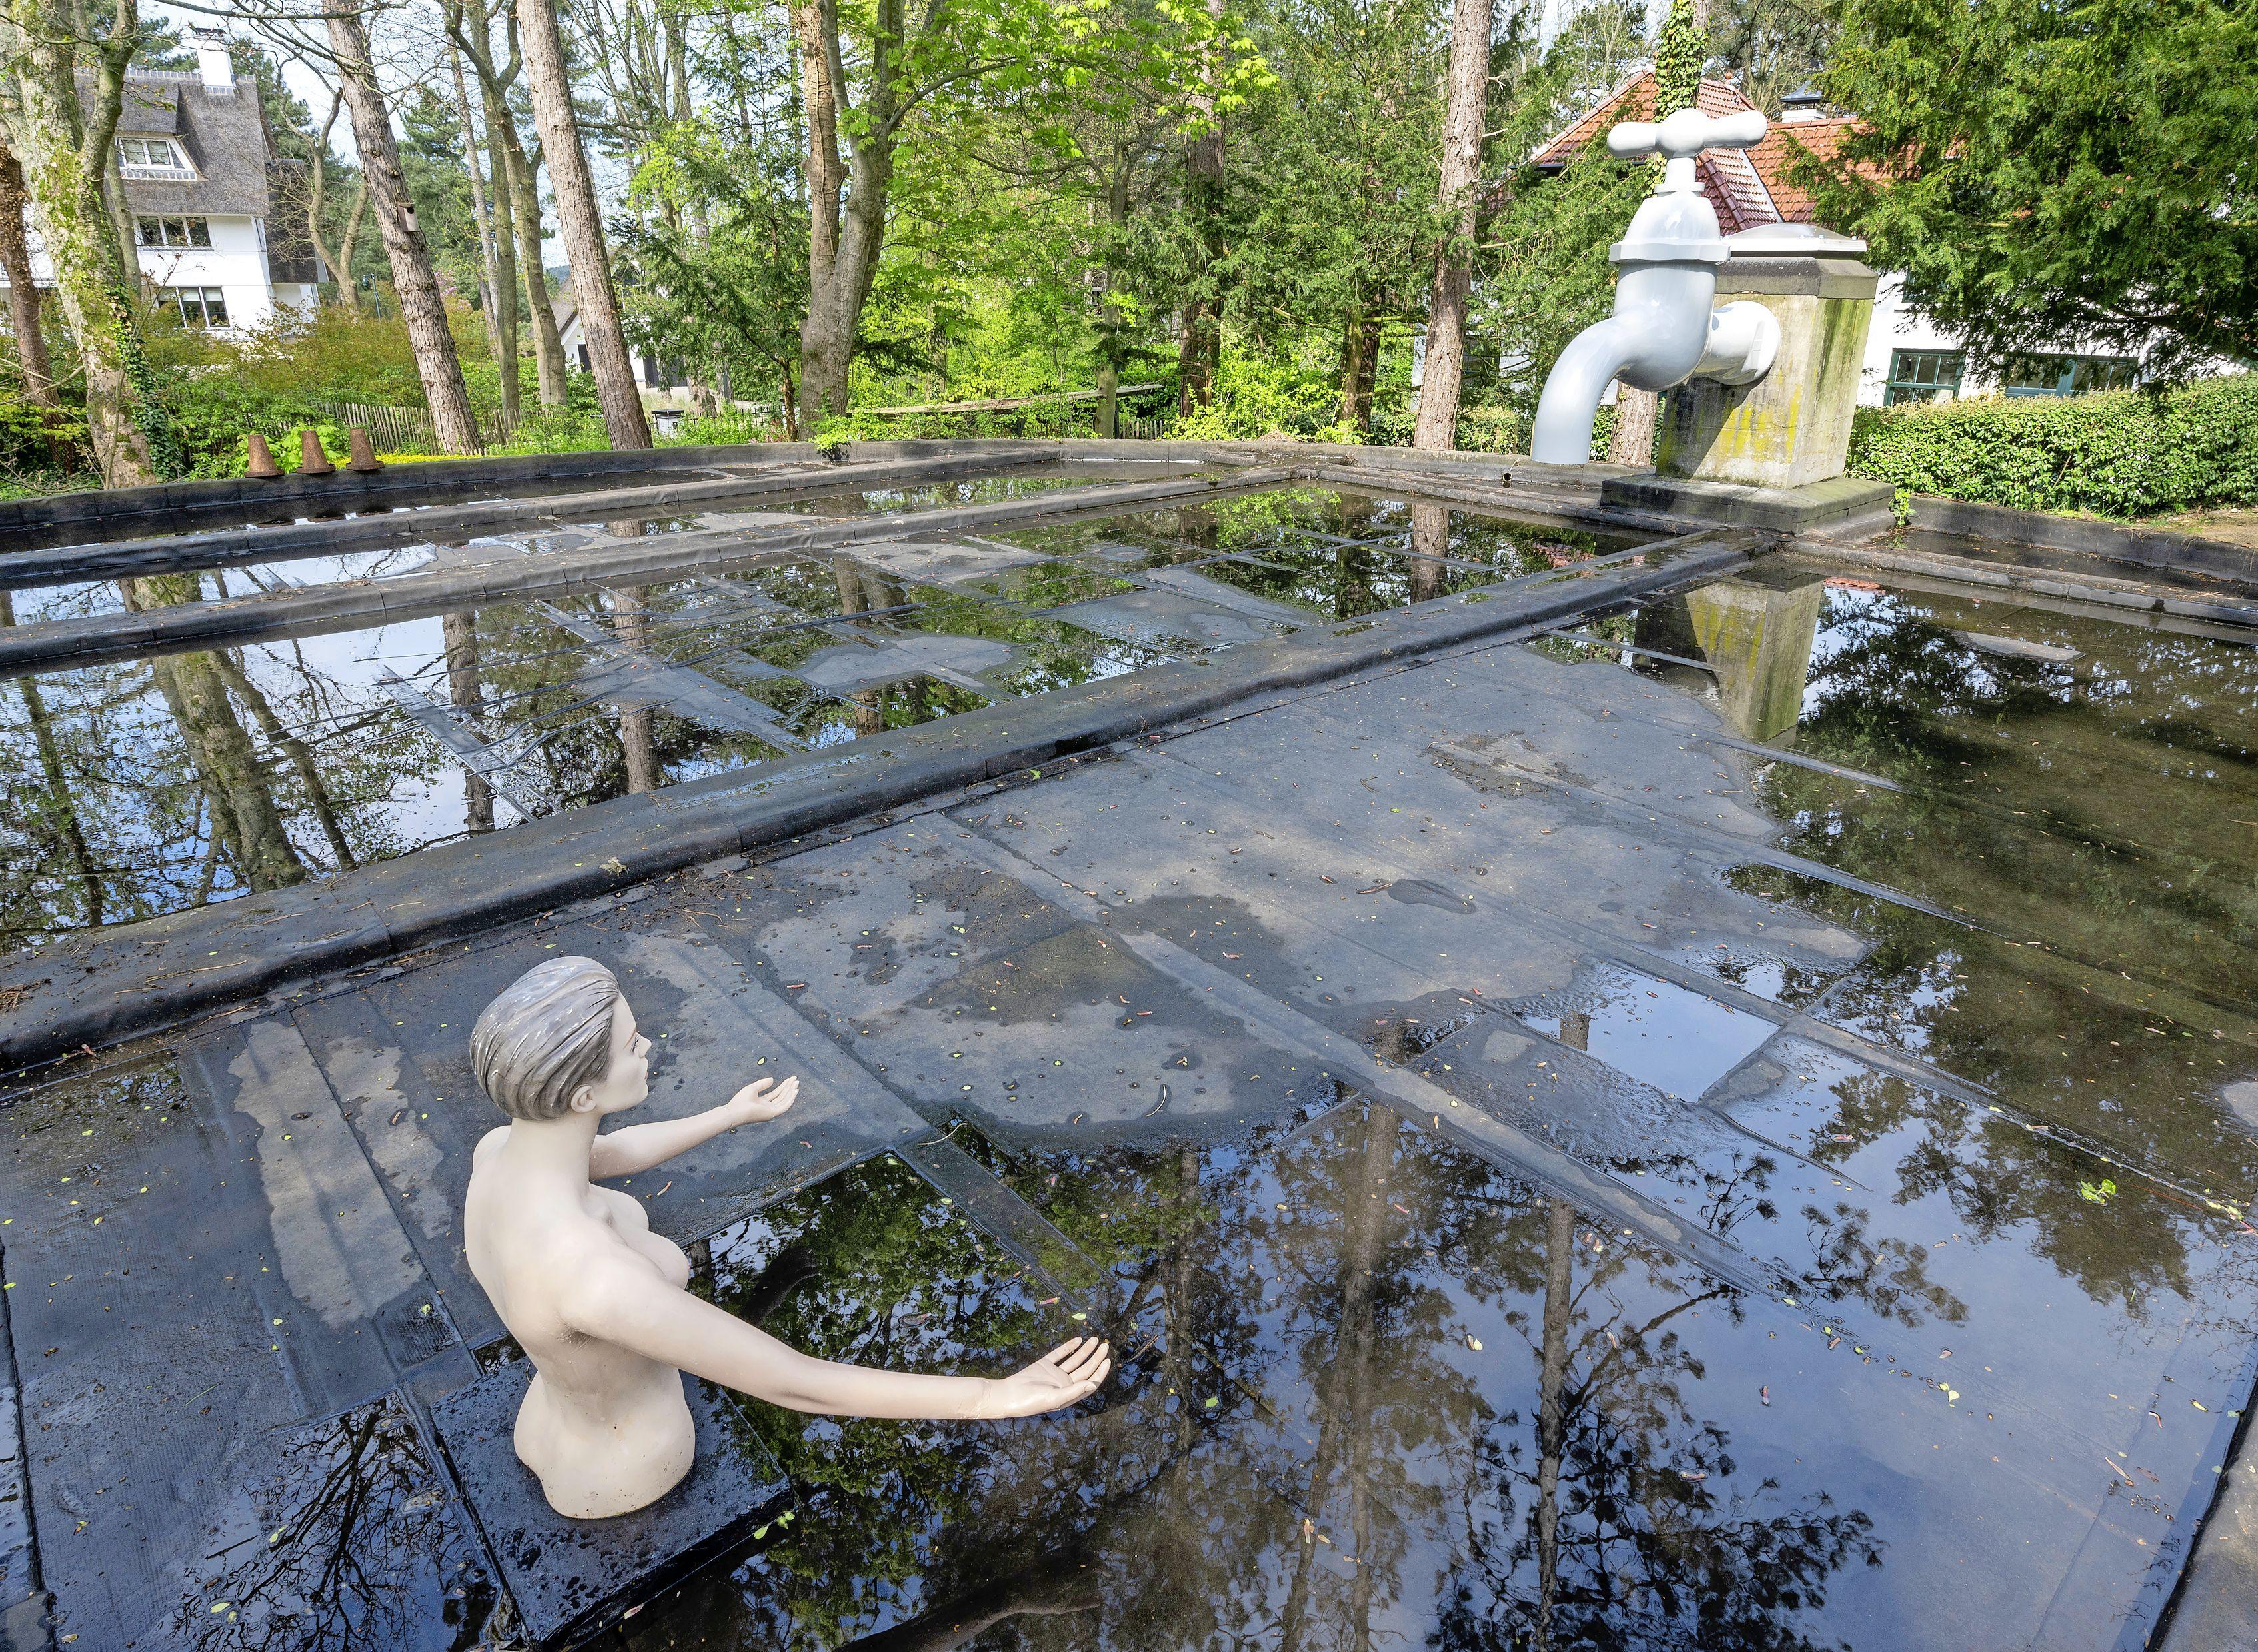 Enorme waterkraan is nieuwe blikvanger op Bloemendaalse hoogte; galeriehouder Harry Swaak kocht het exemplaar van de firma Felix aan de Wagenweg